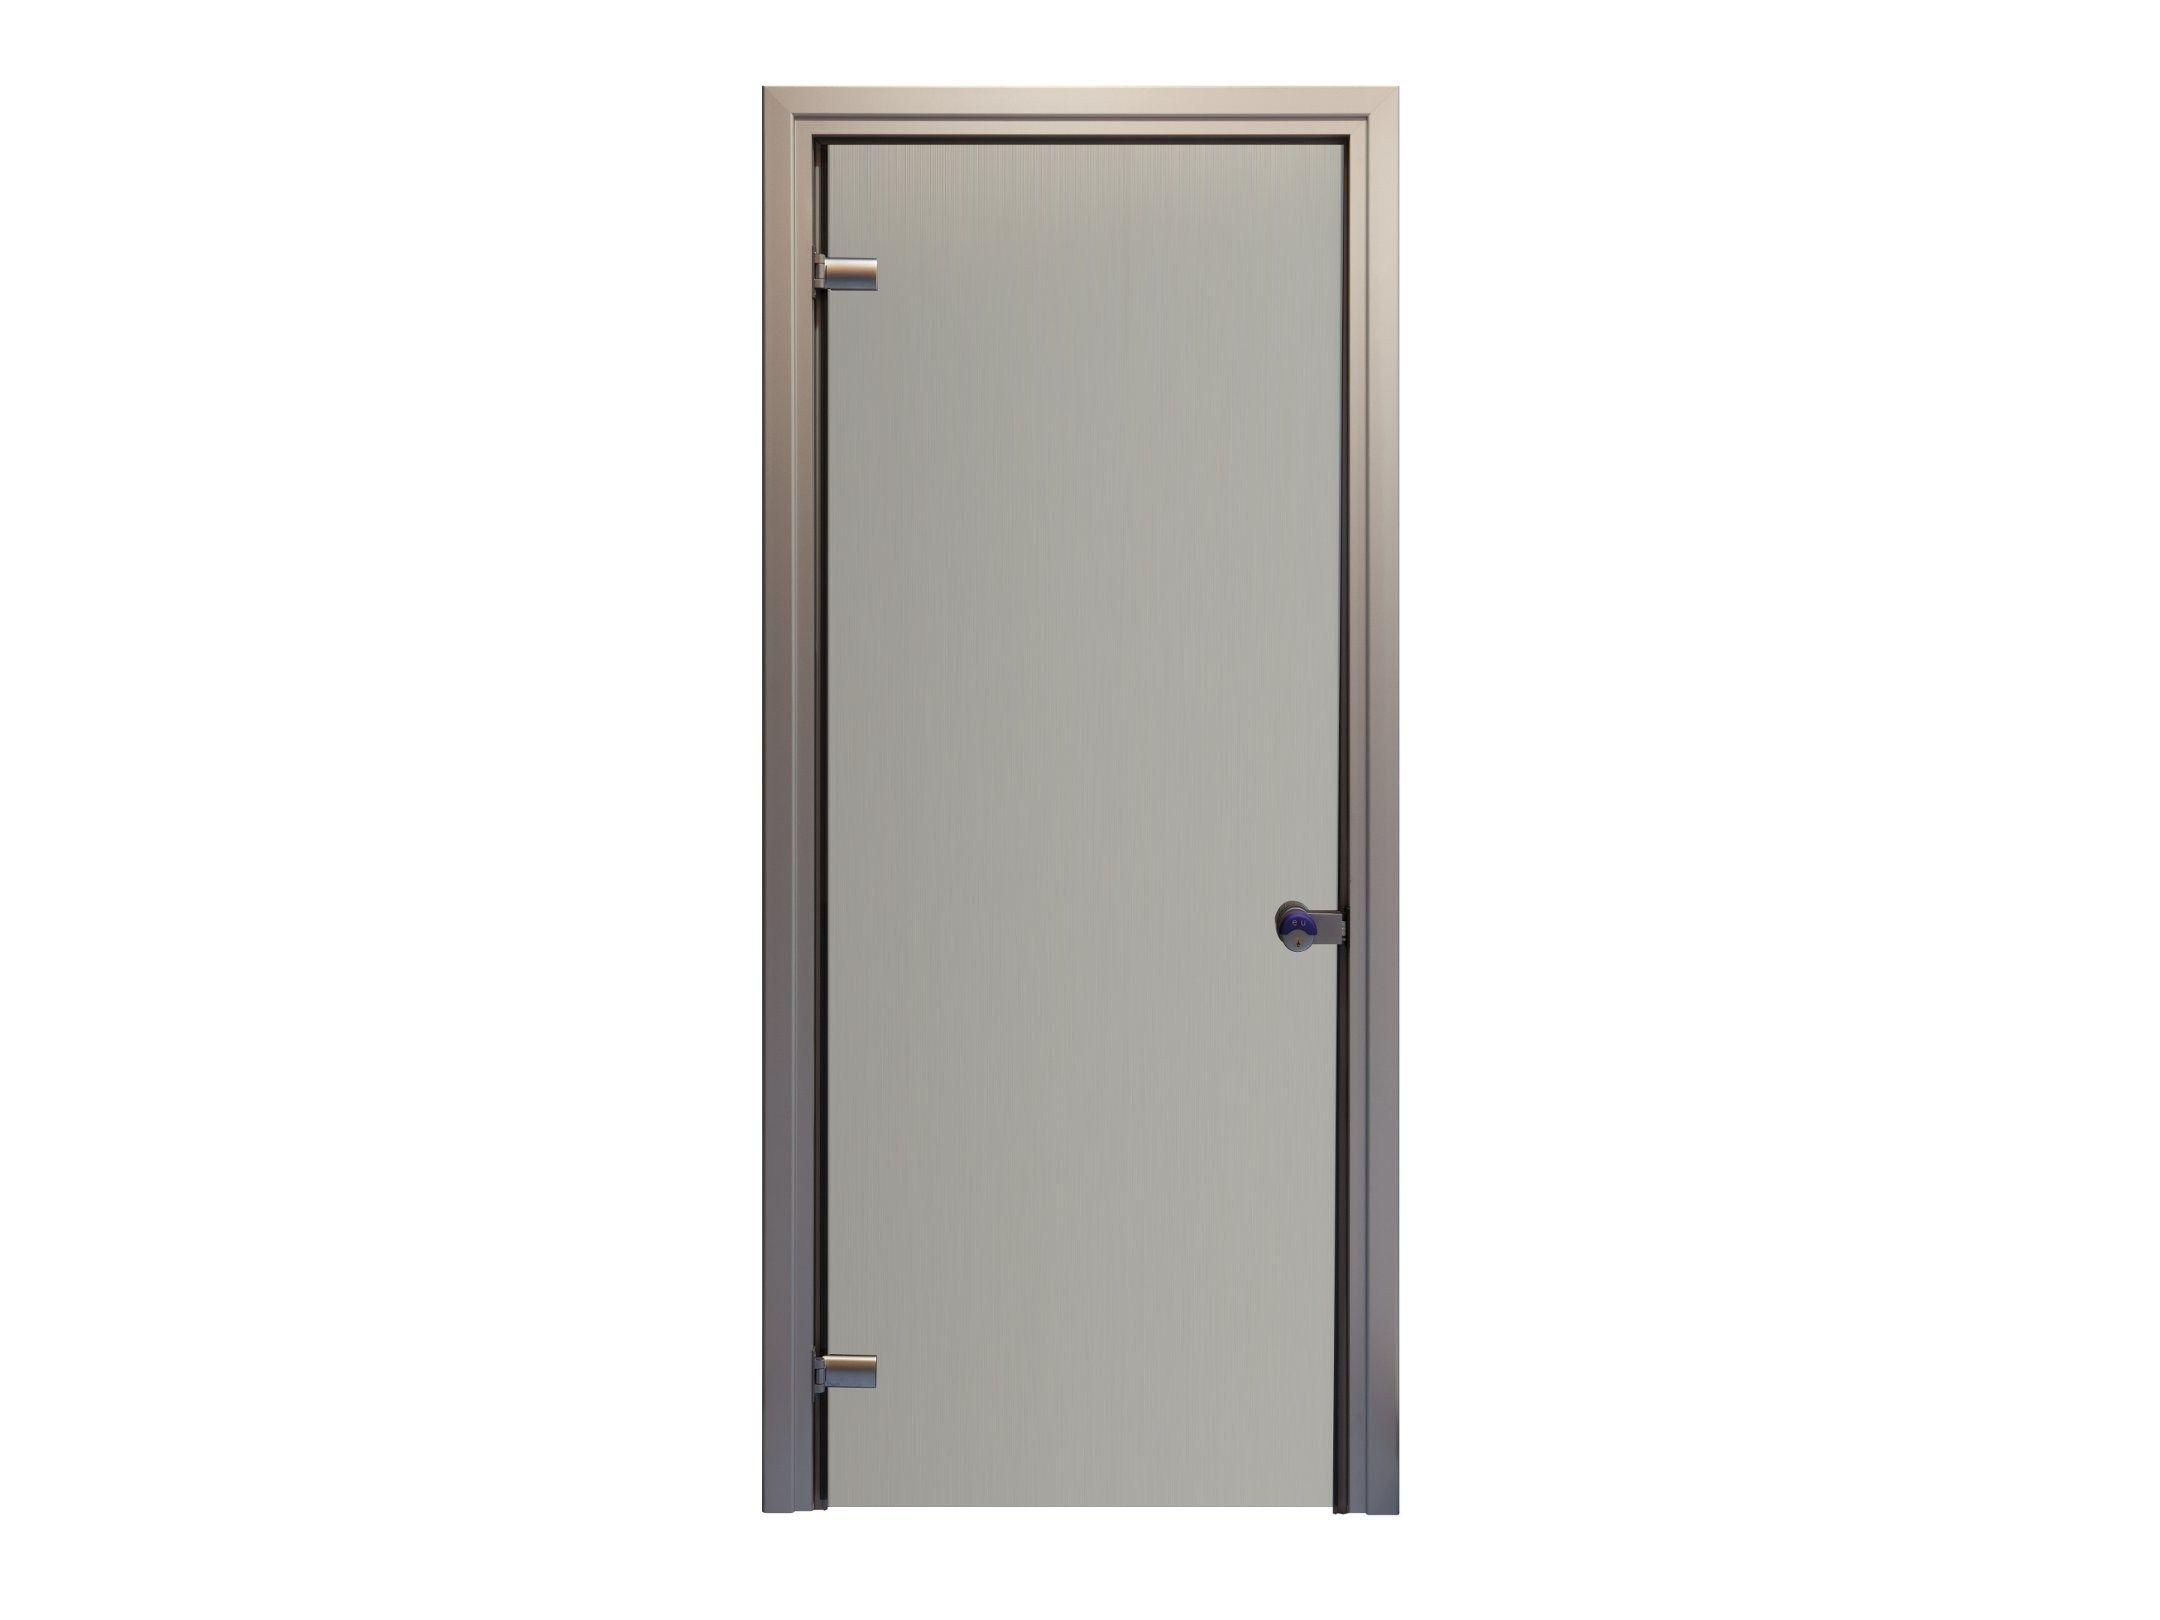 Hinged Glass Door Frameless Hinged Glass Doors For